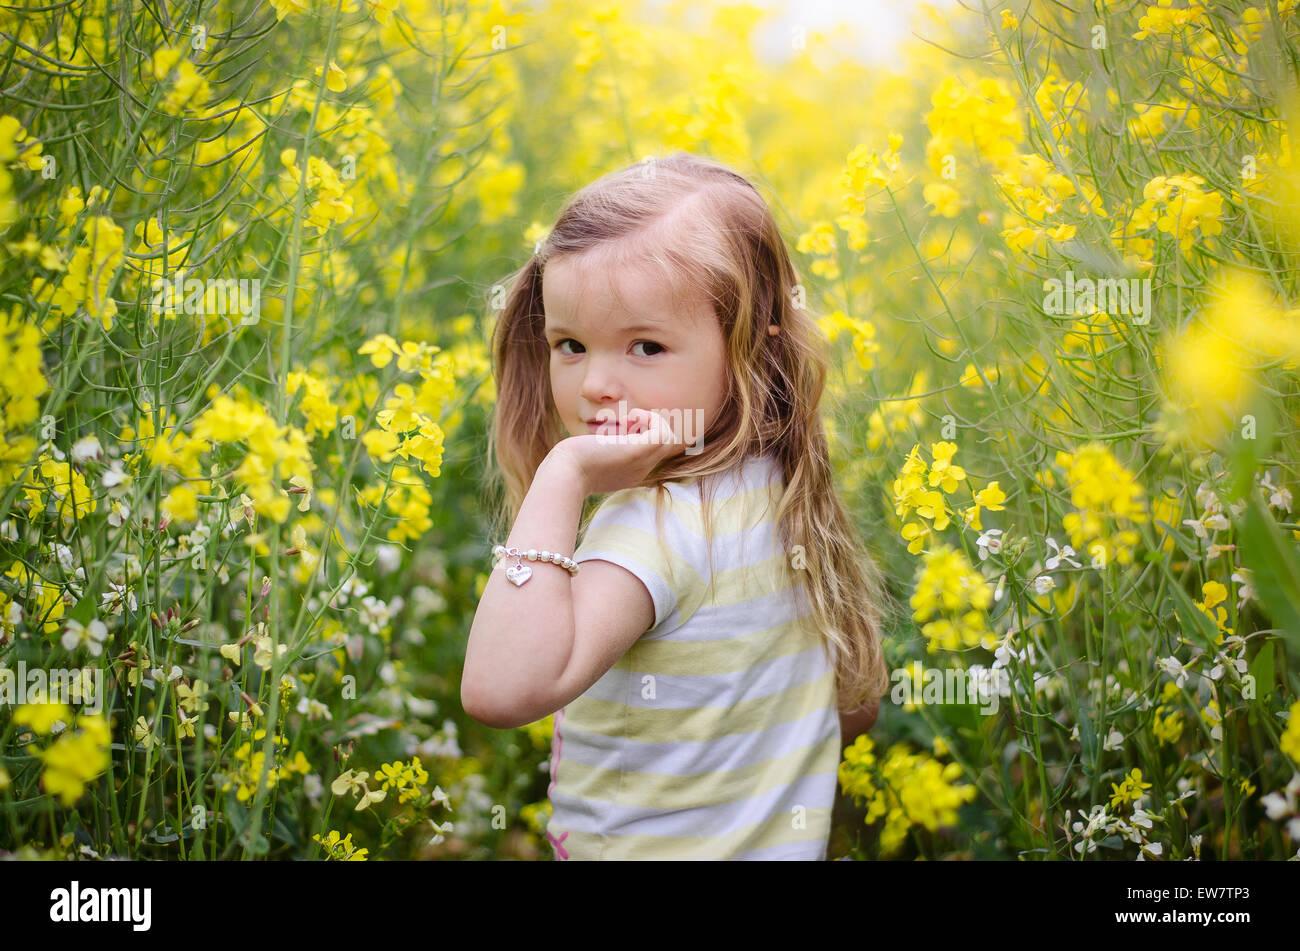 Chica mirando por encima del hombro en un prado de flores amarillas Imagen De Stock